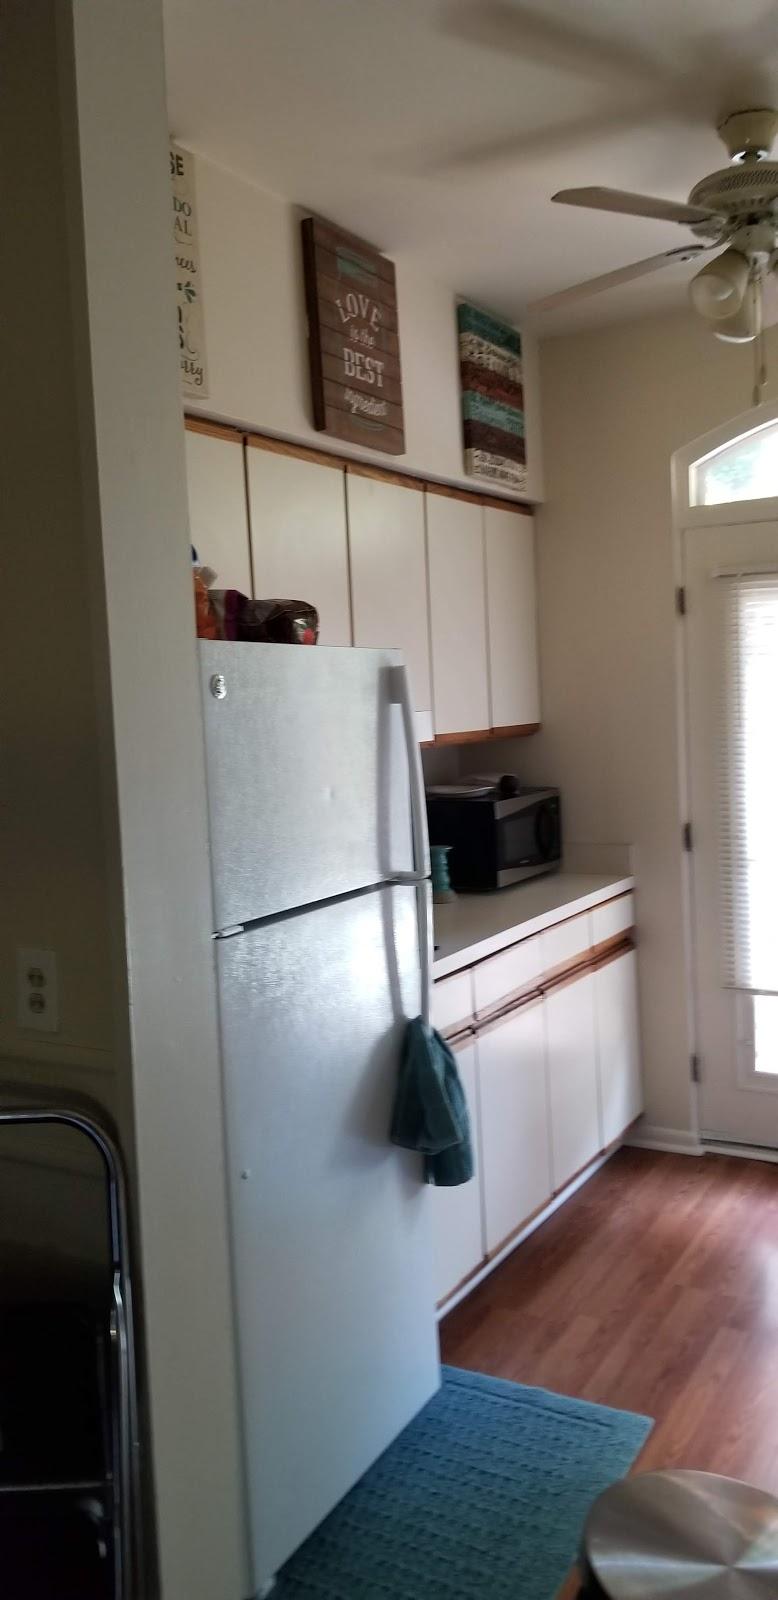 Reenies Sweets - bakery  | Photo 9 of 10 | Address: 10 Mackellar Ct, Peekskill, NY 10566, USA | Phone: (845) 667-1965